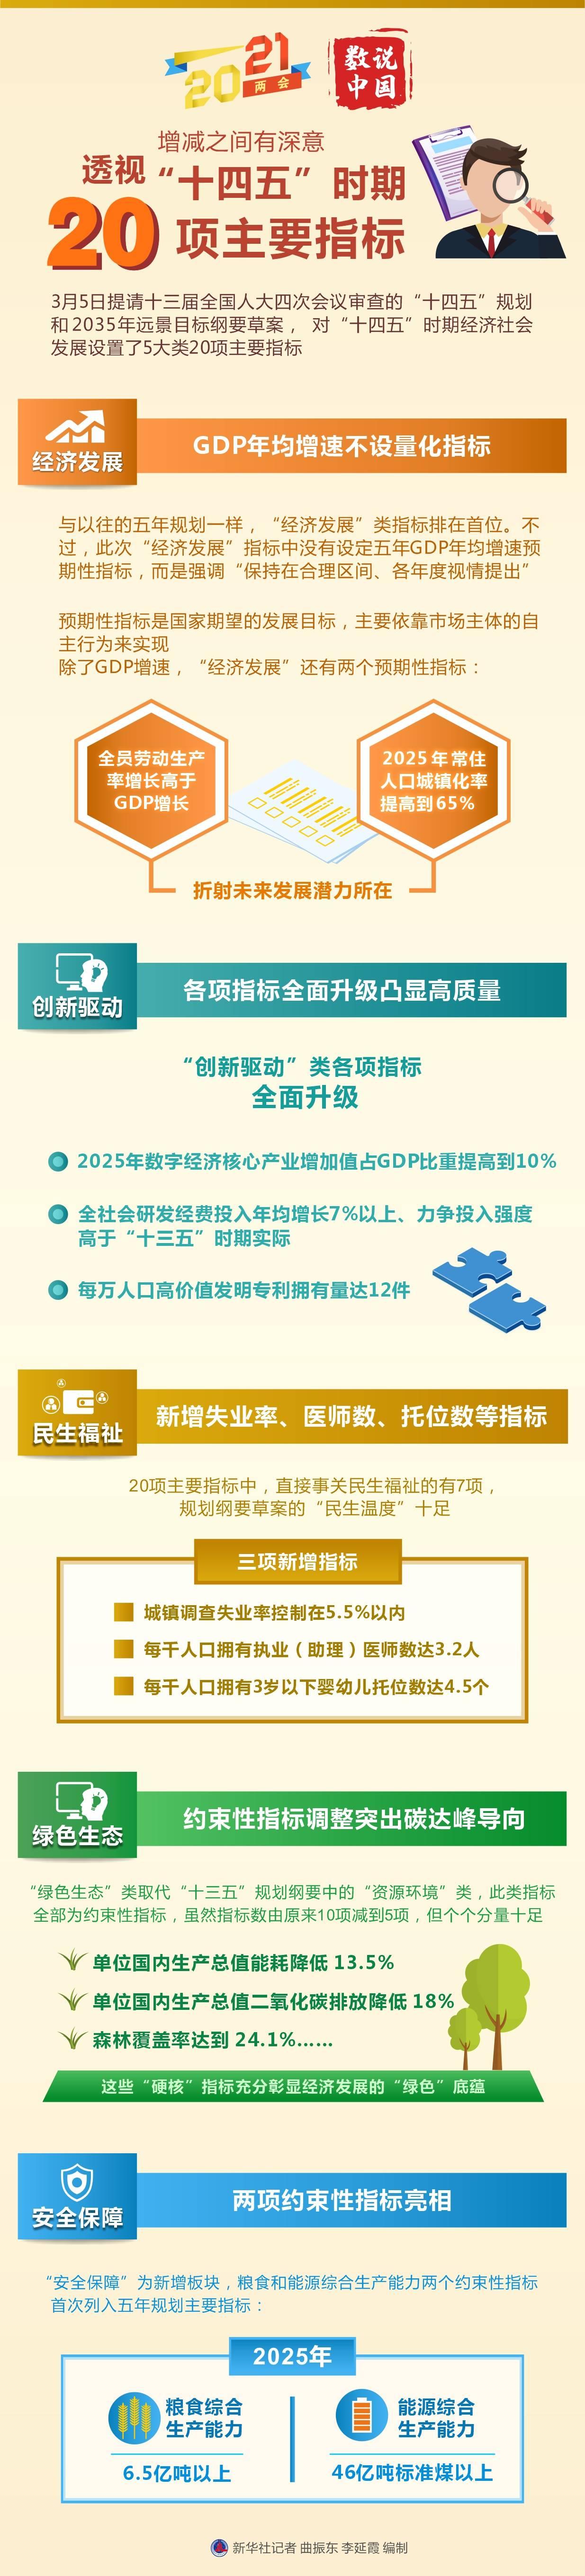 """全国两会数说中国调整中间有深刻含义:透视""""十四五""""阶段20项"""